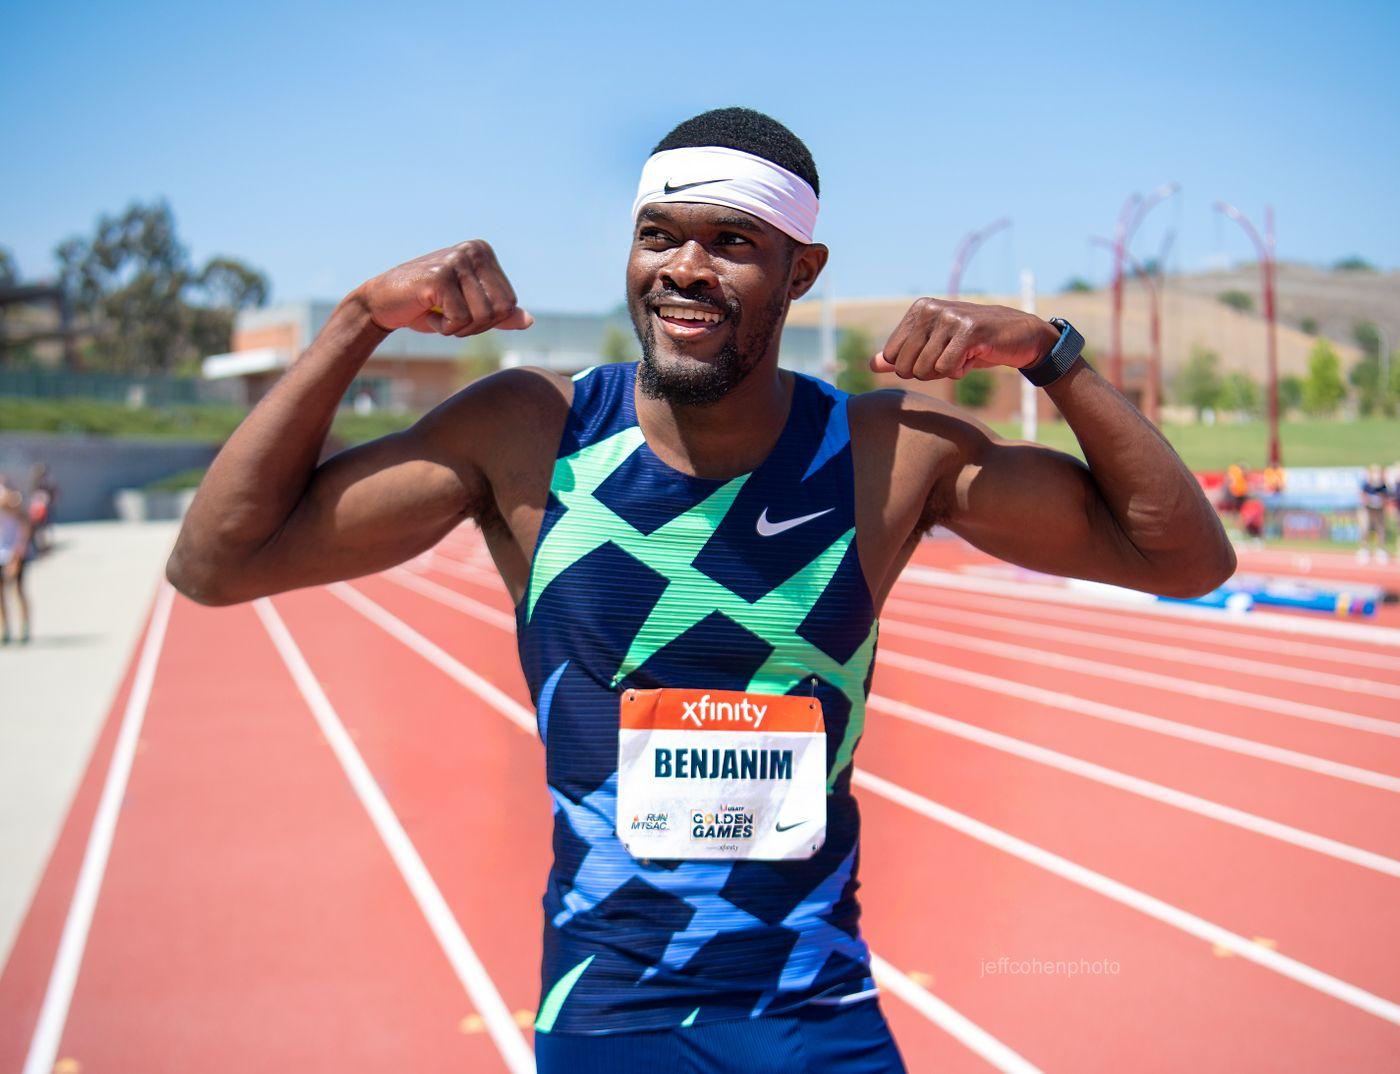 Rai Benjamin, 400 meter hurdles, 2021 USATF Golden Games